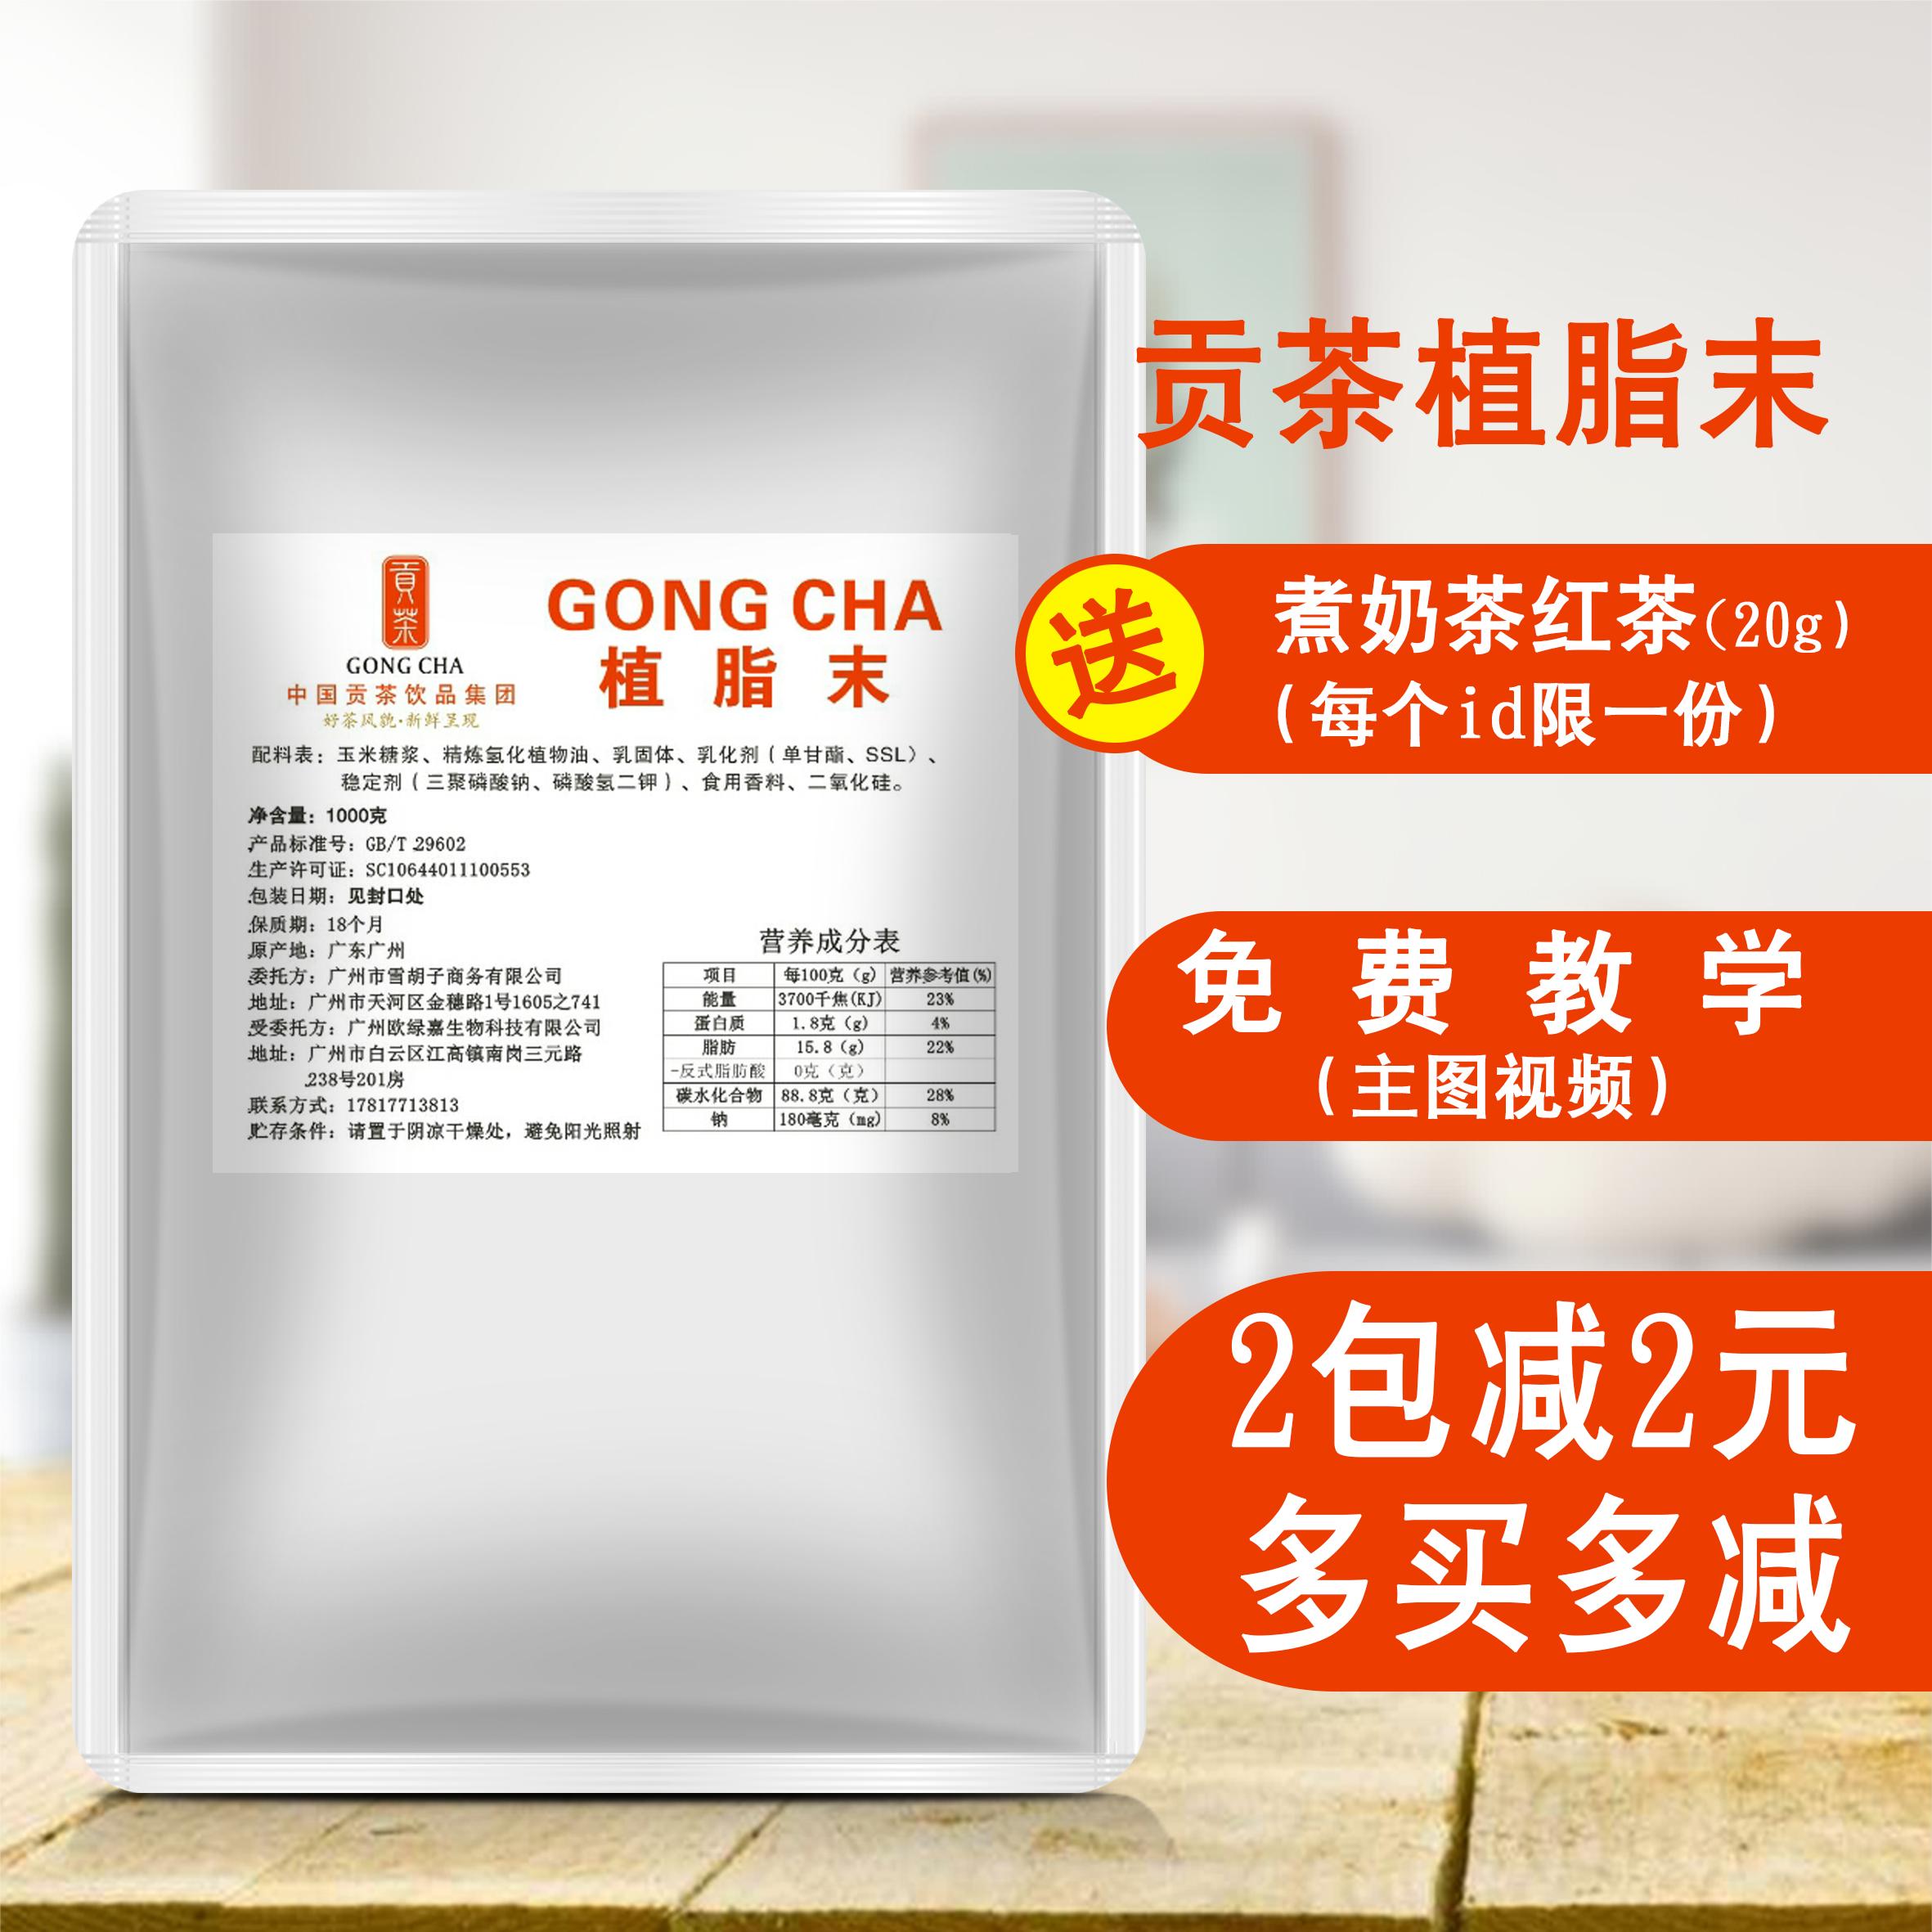 Tribute Creamer Creamer Powder 1 кг Чайный магазин для Сырые ингредиенты чайного молока в подарок для Чайные листья